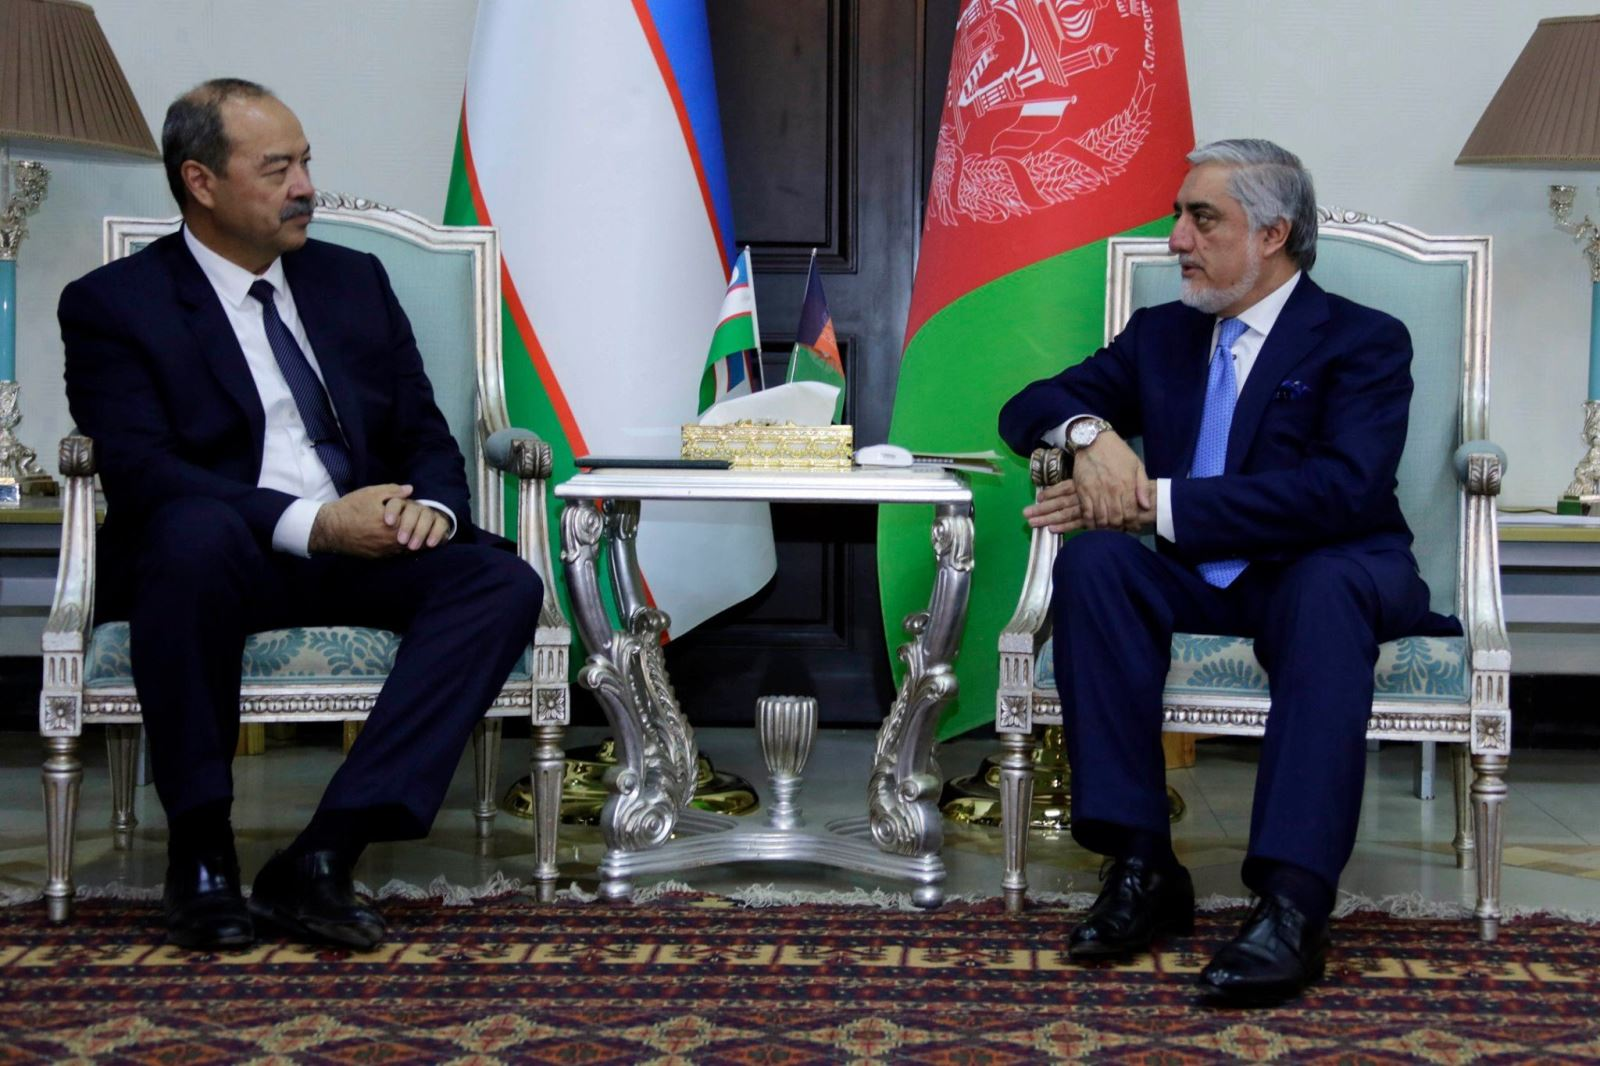 نخست وزیر ازبیکستان در ملاقات با رییس اجراییه: با افغانستان در بخش تجارت و ترانزیت همکاری میکنیم